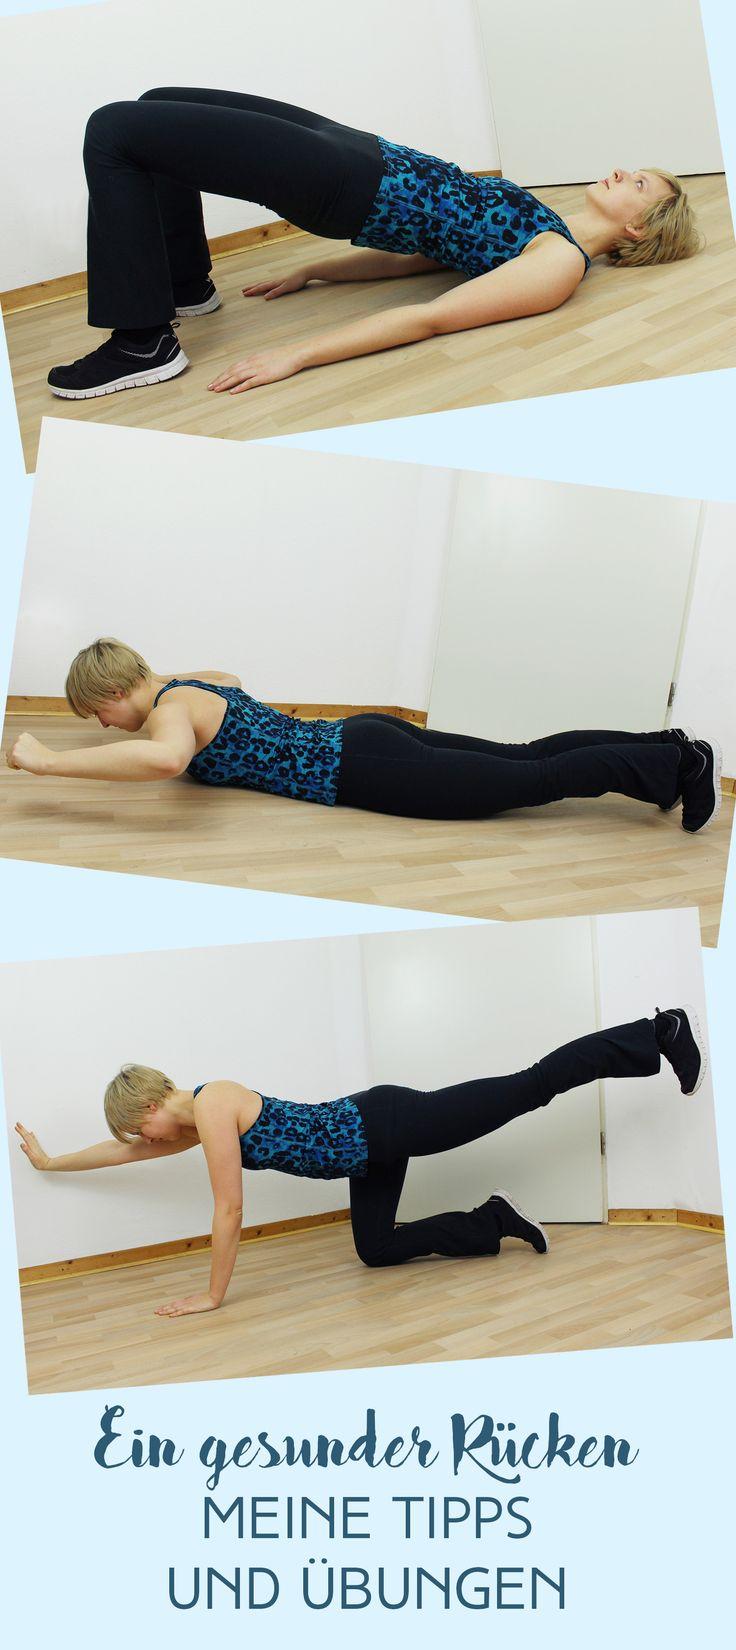 Jeder hat's mal mit dem Rücken. Welche Übungen dagegen helfen und welche Tipps ihr im Alltag befolgen könnt, zeige ich euch auf lettersandbeads.de! #sport #rücken #übungen #training #body #exercise #back #lowerback #unterer #schmerzen #krafttraining #alltag #tipps #tricks #trainieren #fitness #yoga #home #gym #motivation #healthy #fit #achtsam #körper #gesund #lifestyle